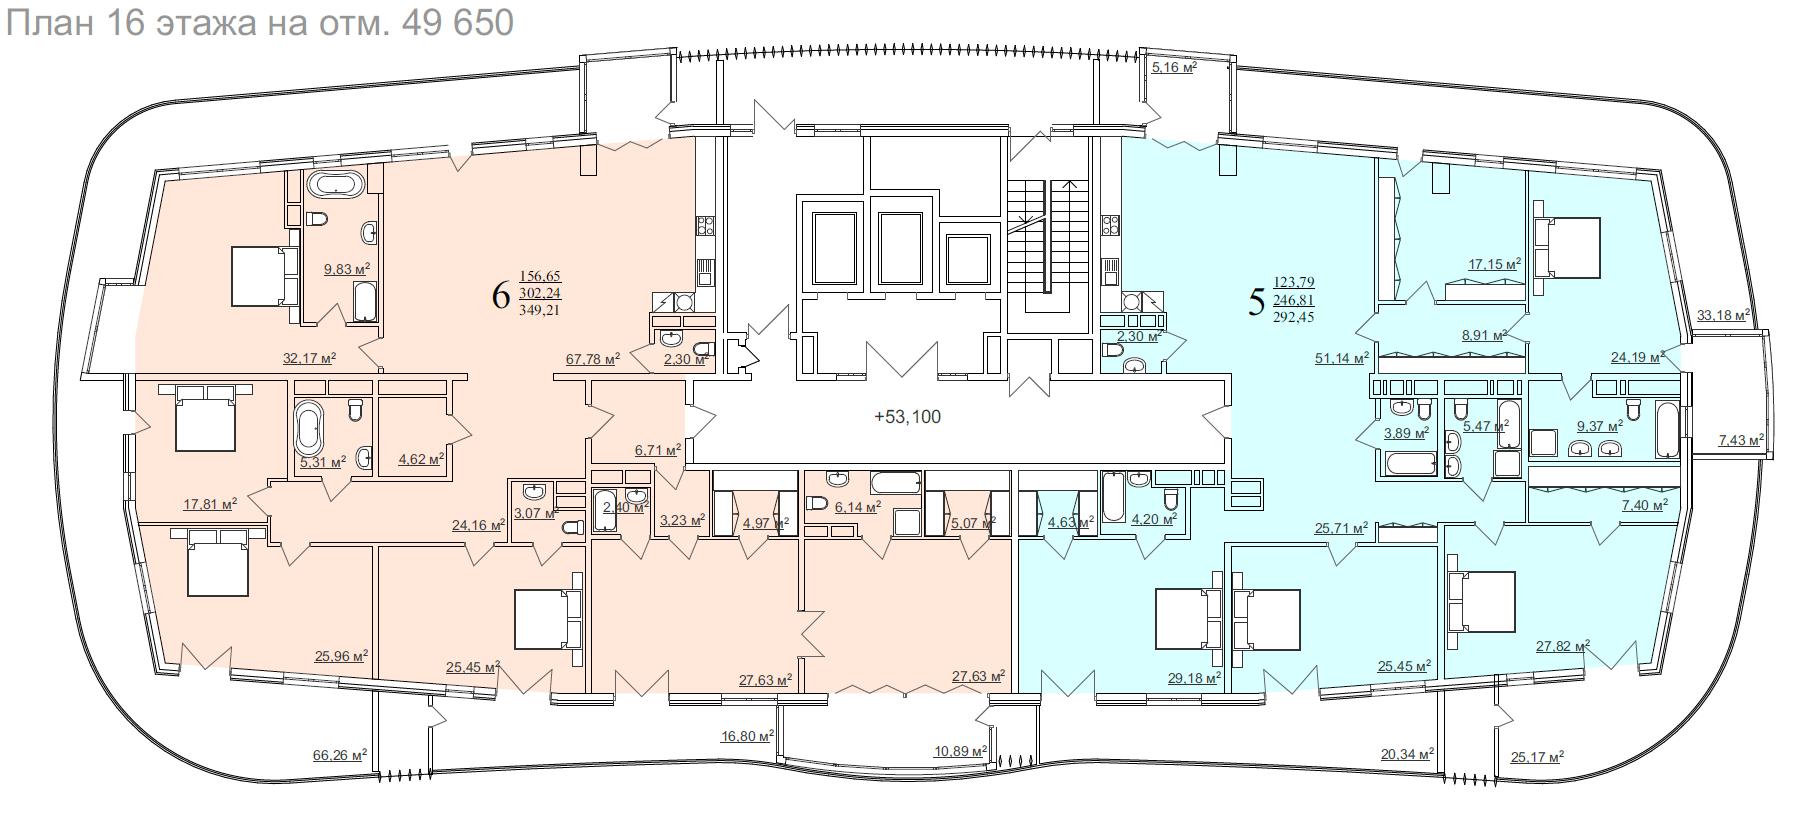 16 этаж